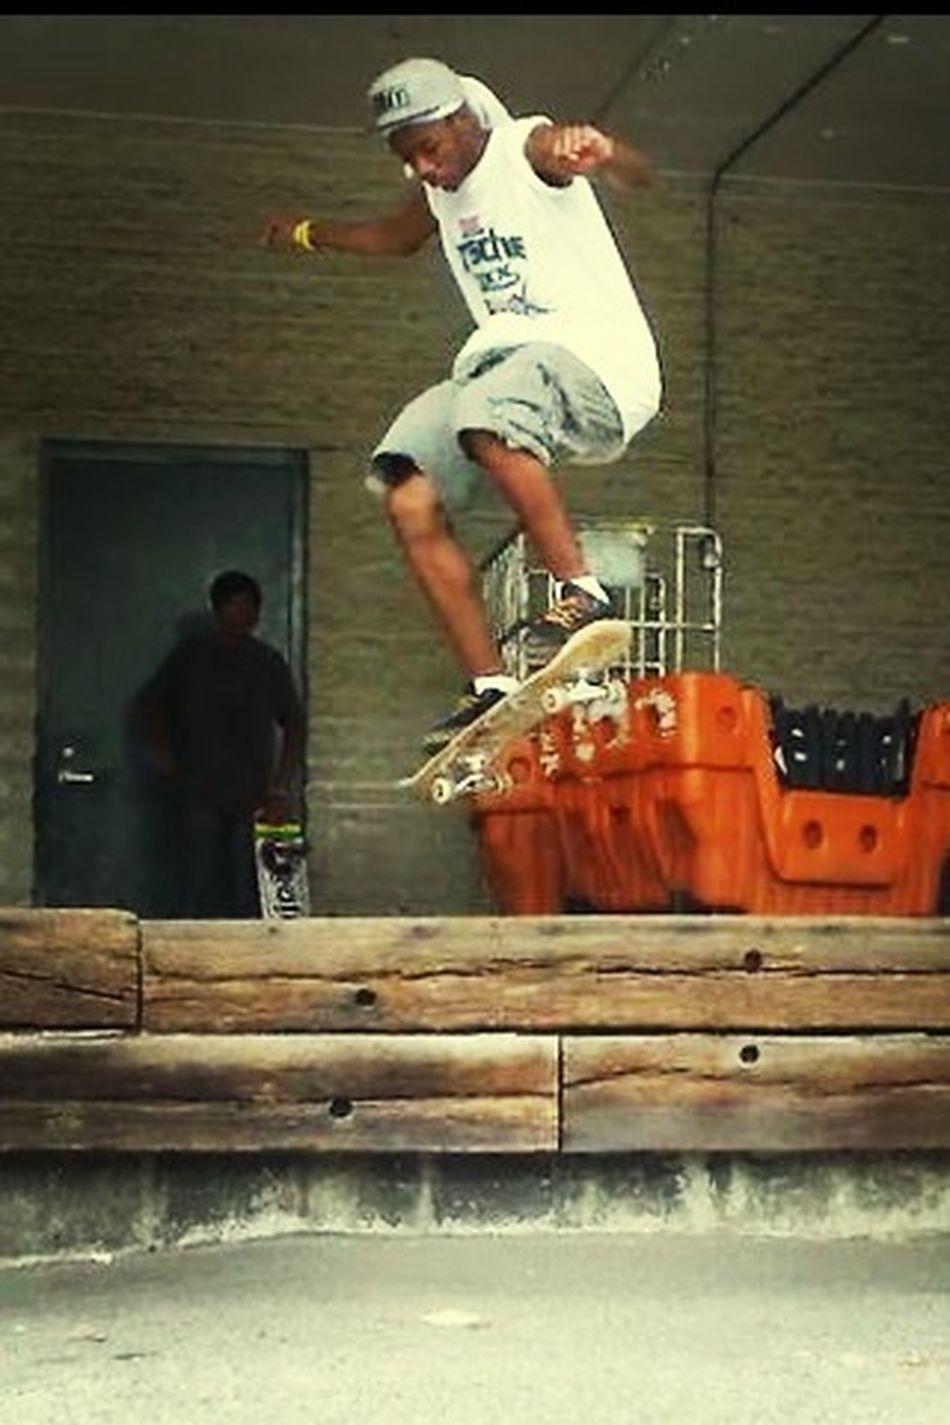 SkateLife